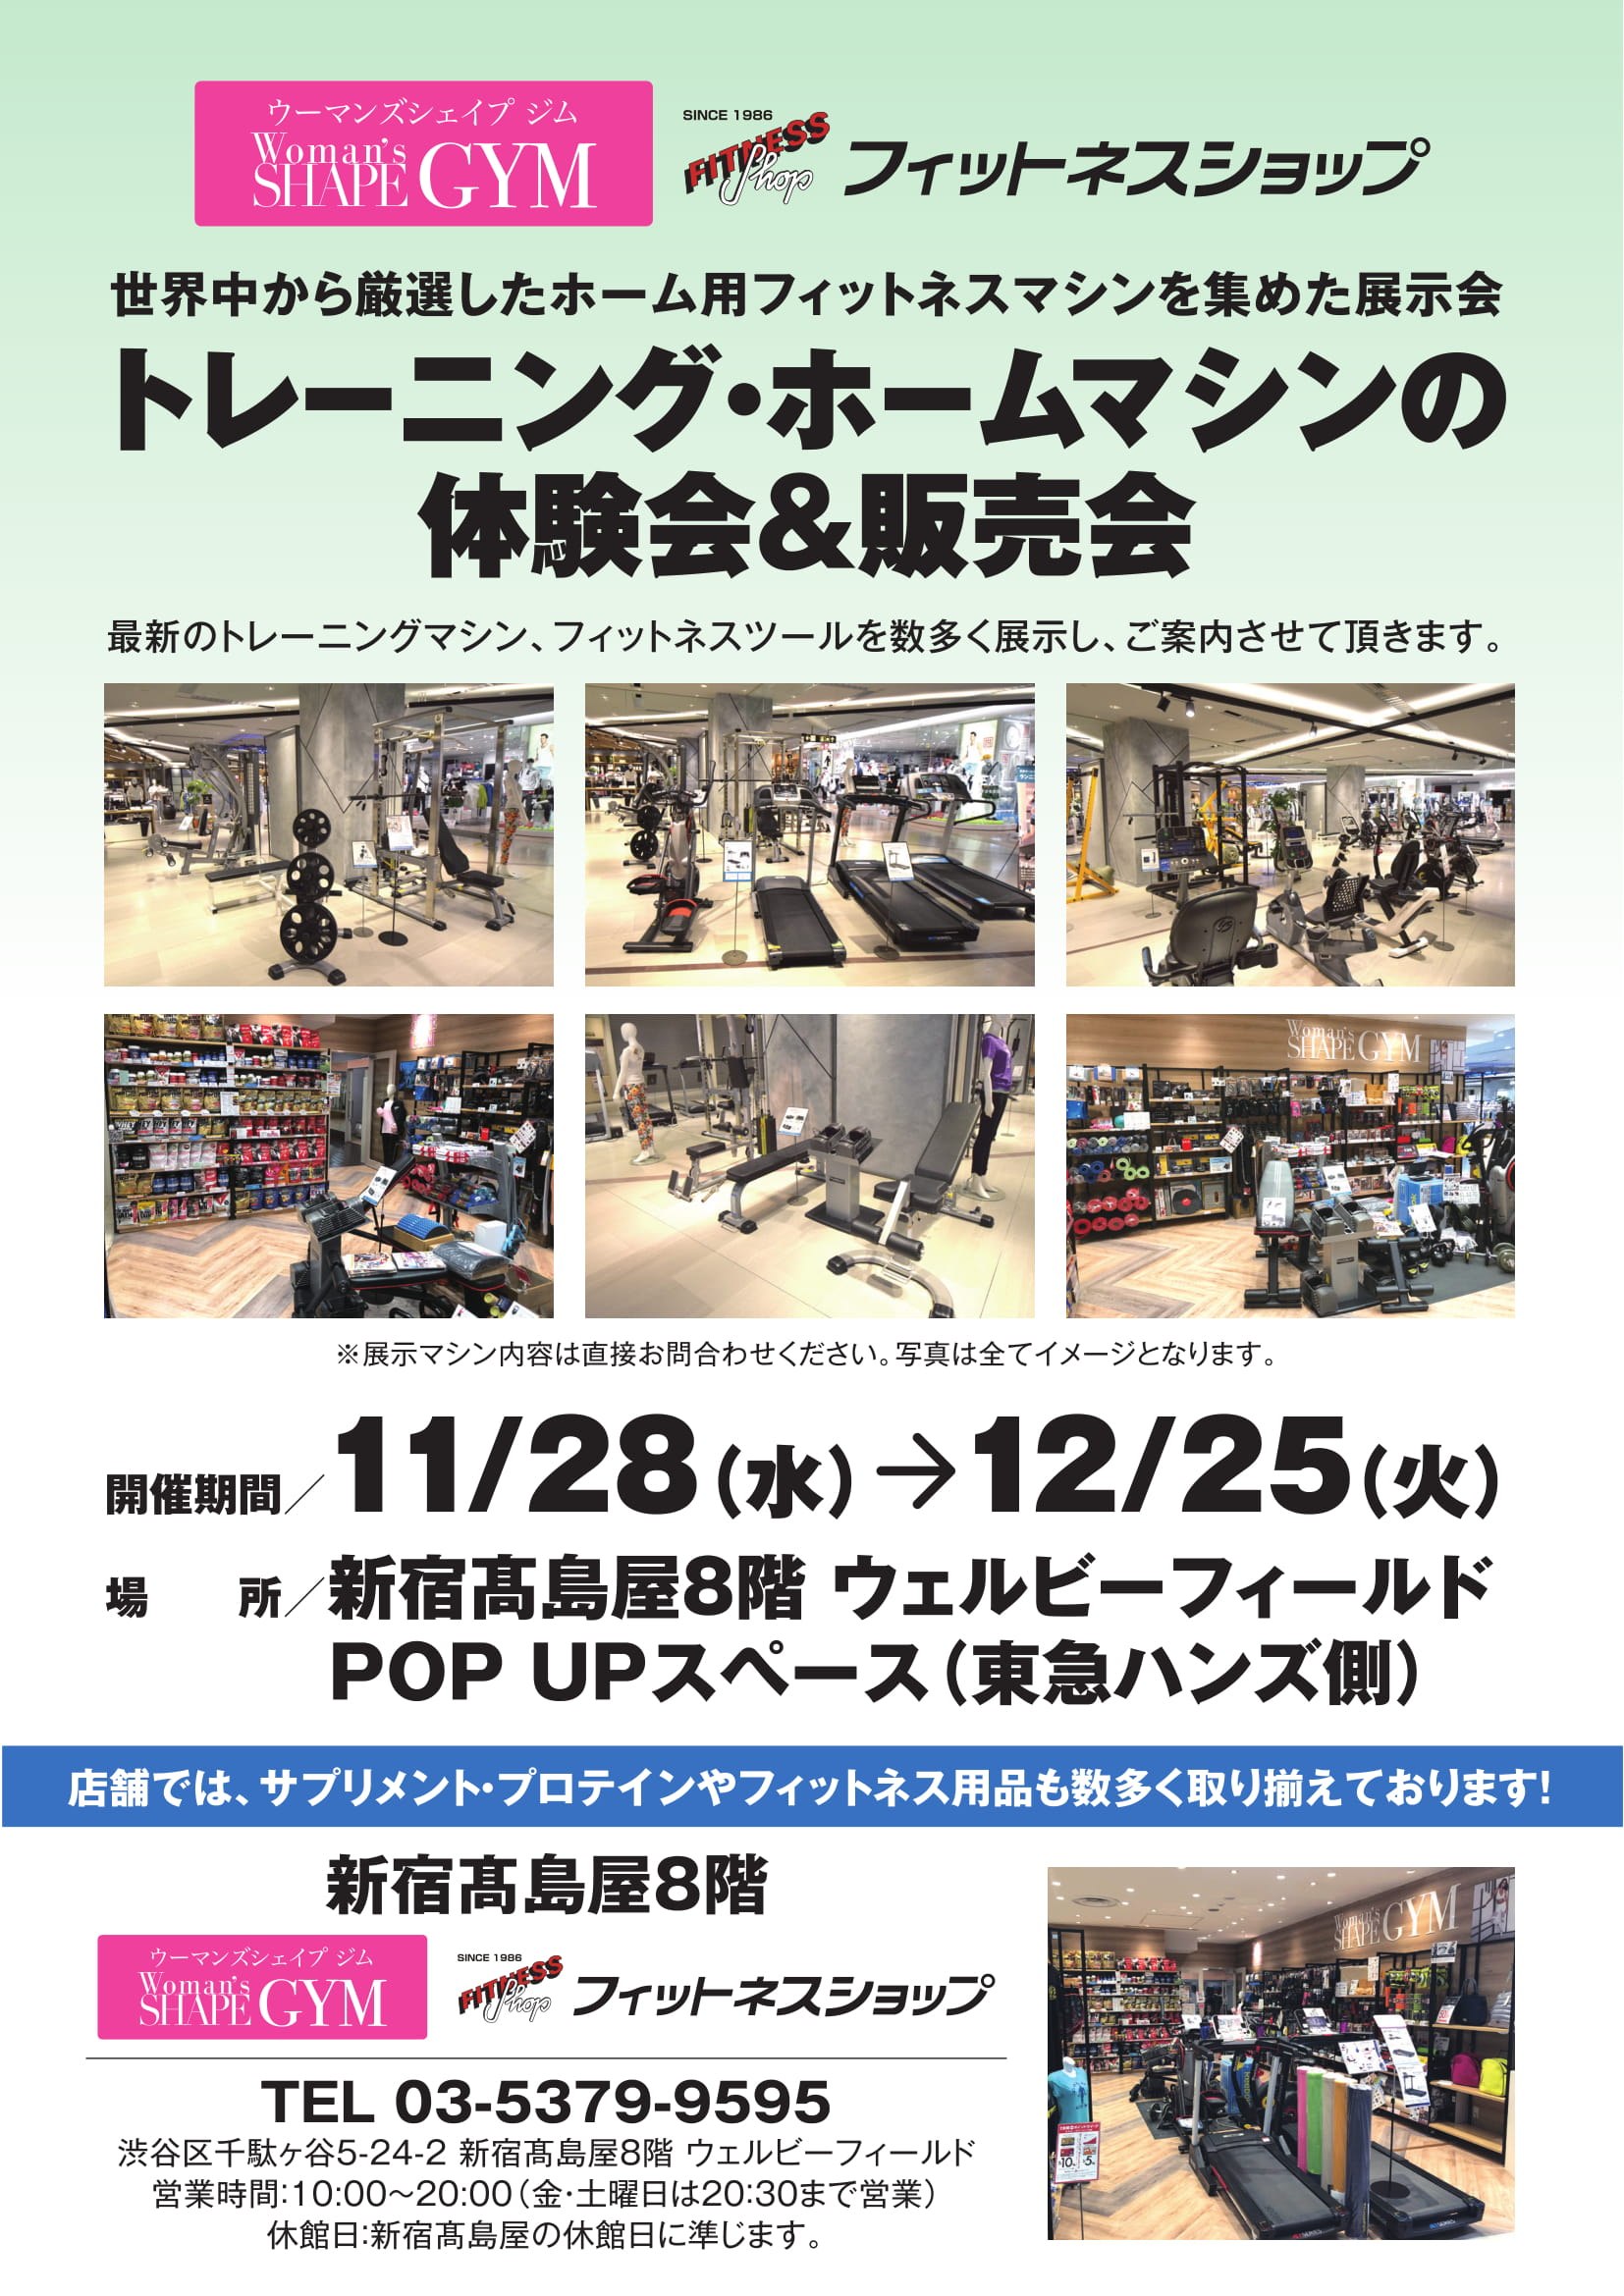 大好評!新宿高島屋トレーニング&ホームマシン体験会・販売会開催